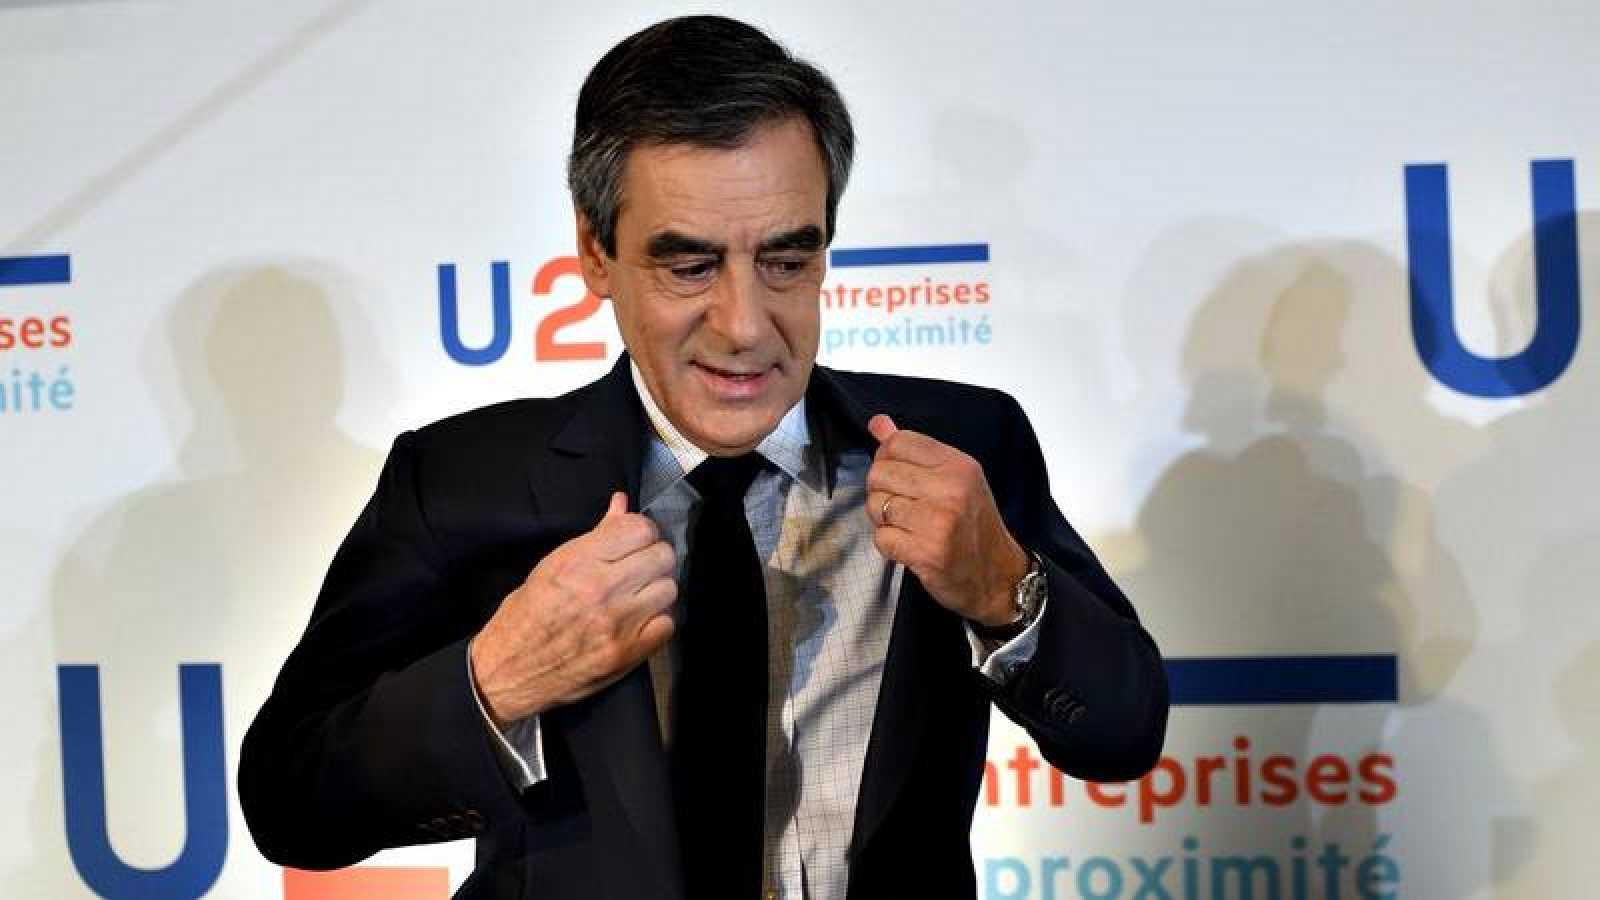 El candidato conservador al Elíseo, François Fillon, se ajusta la chaqueta tras una rueda de prensa de campaña